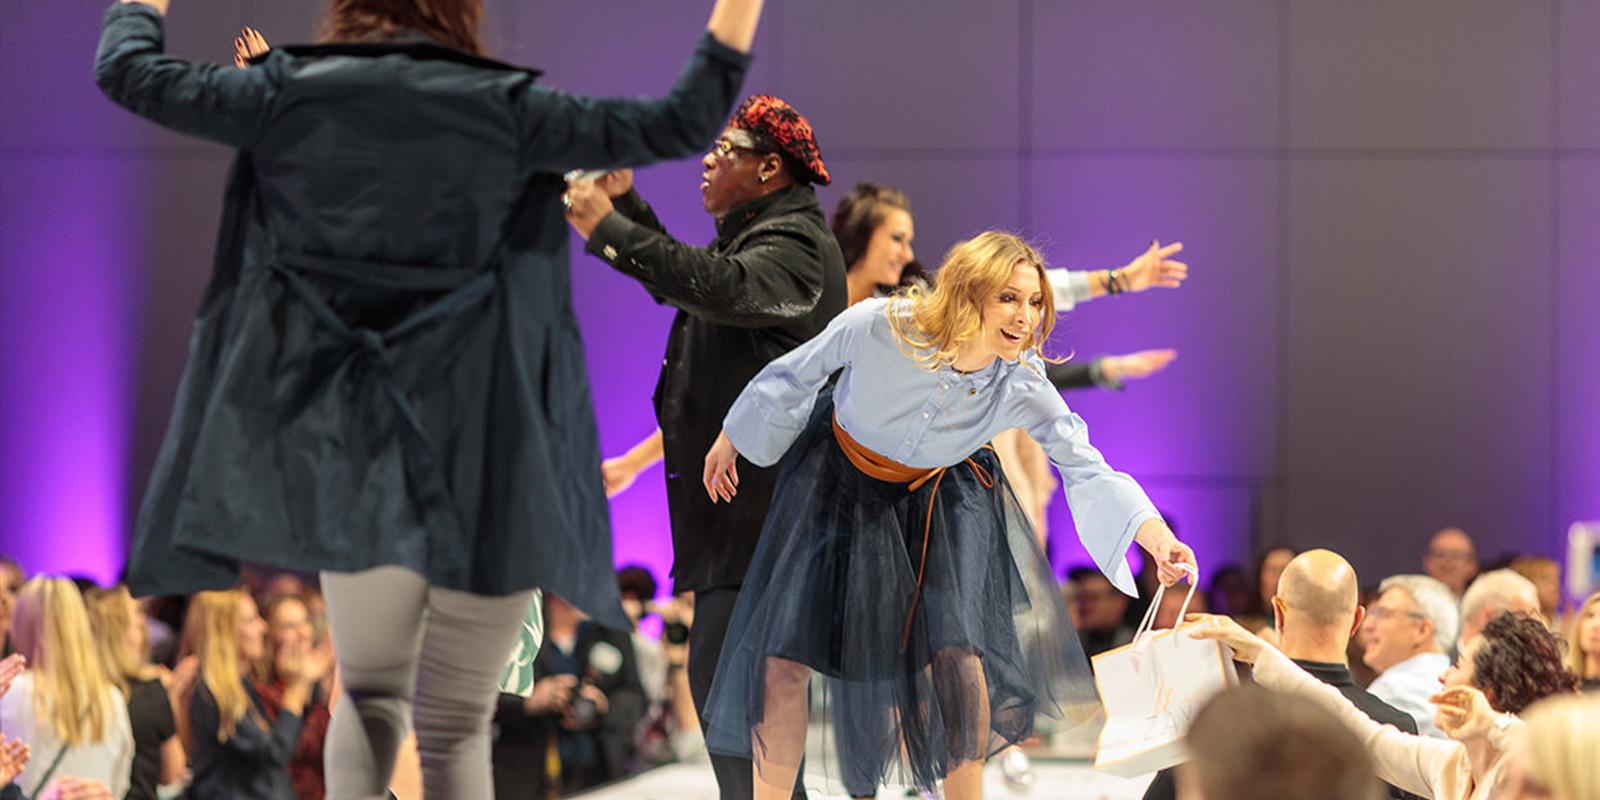 ladies-fashion-night-17-8x16-9